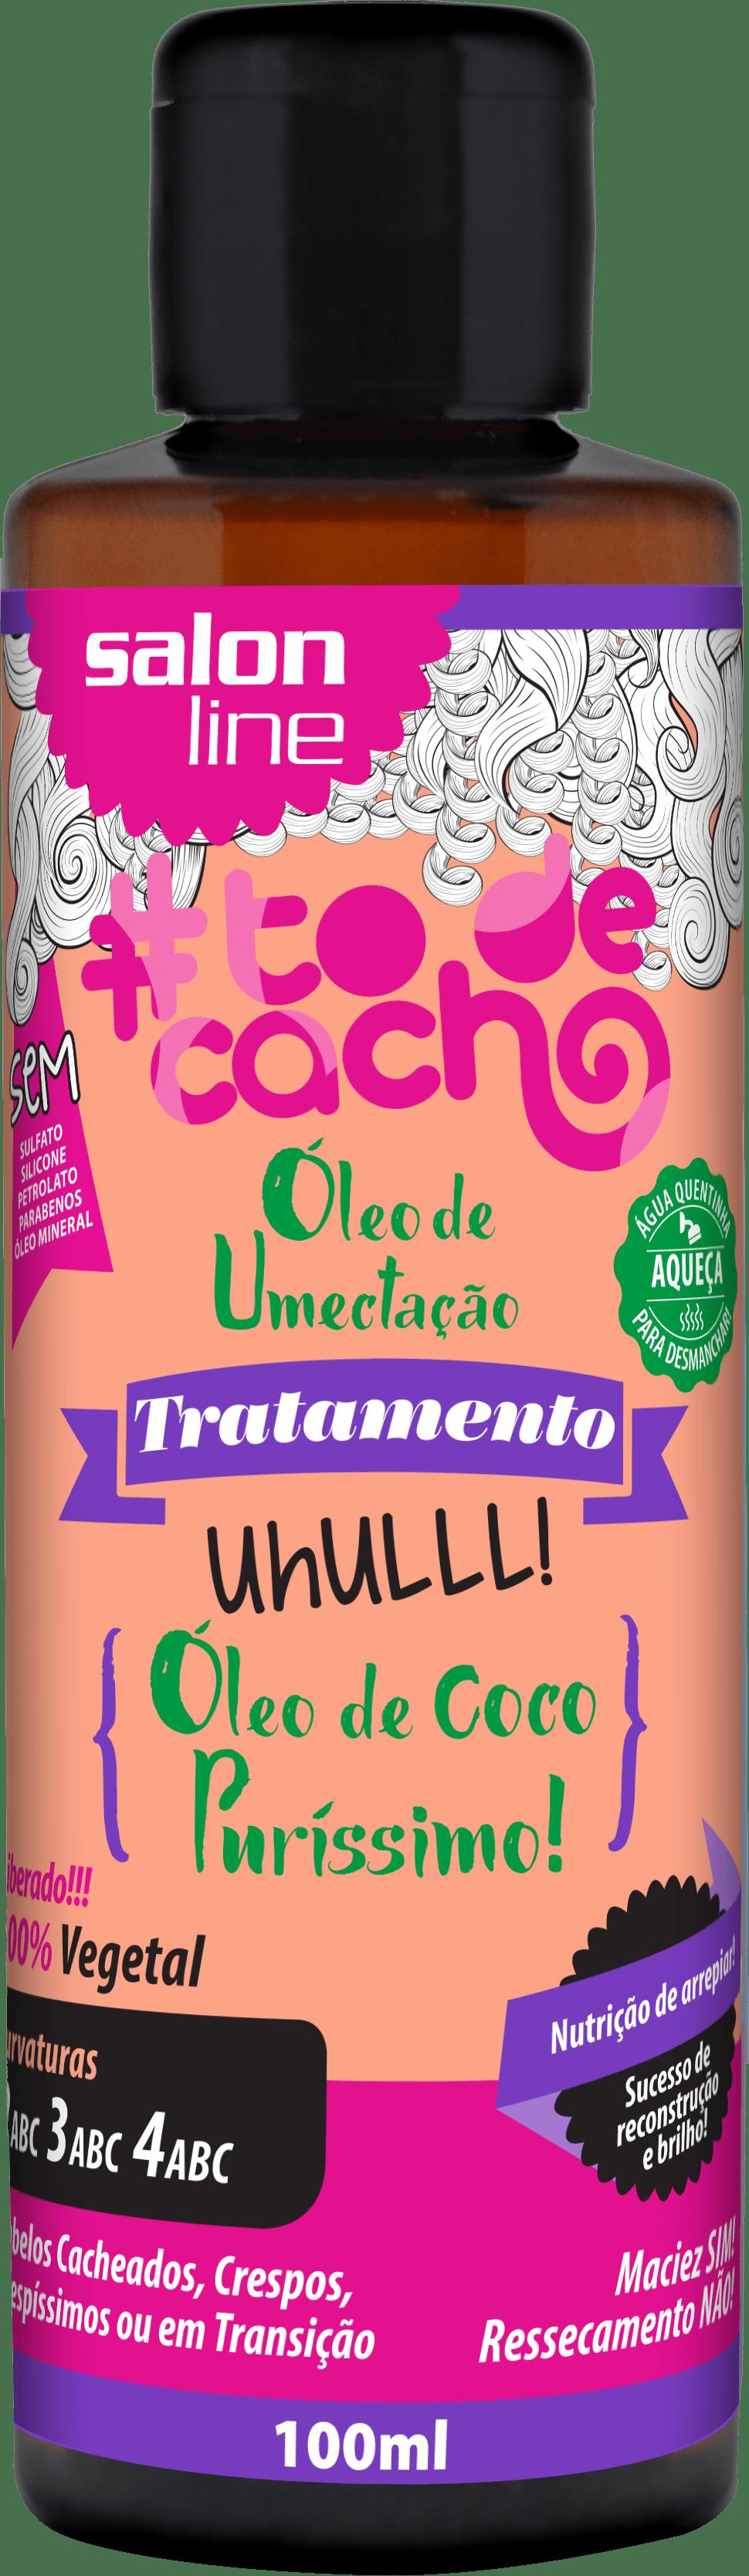 95054 OLEO DE UMECTACAO COCO PURISSIMO TODECACHO 100ML - Como preparar os cachos antes da descoloração